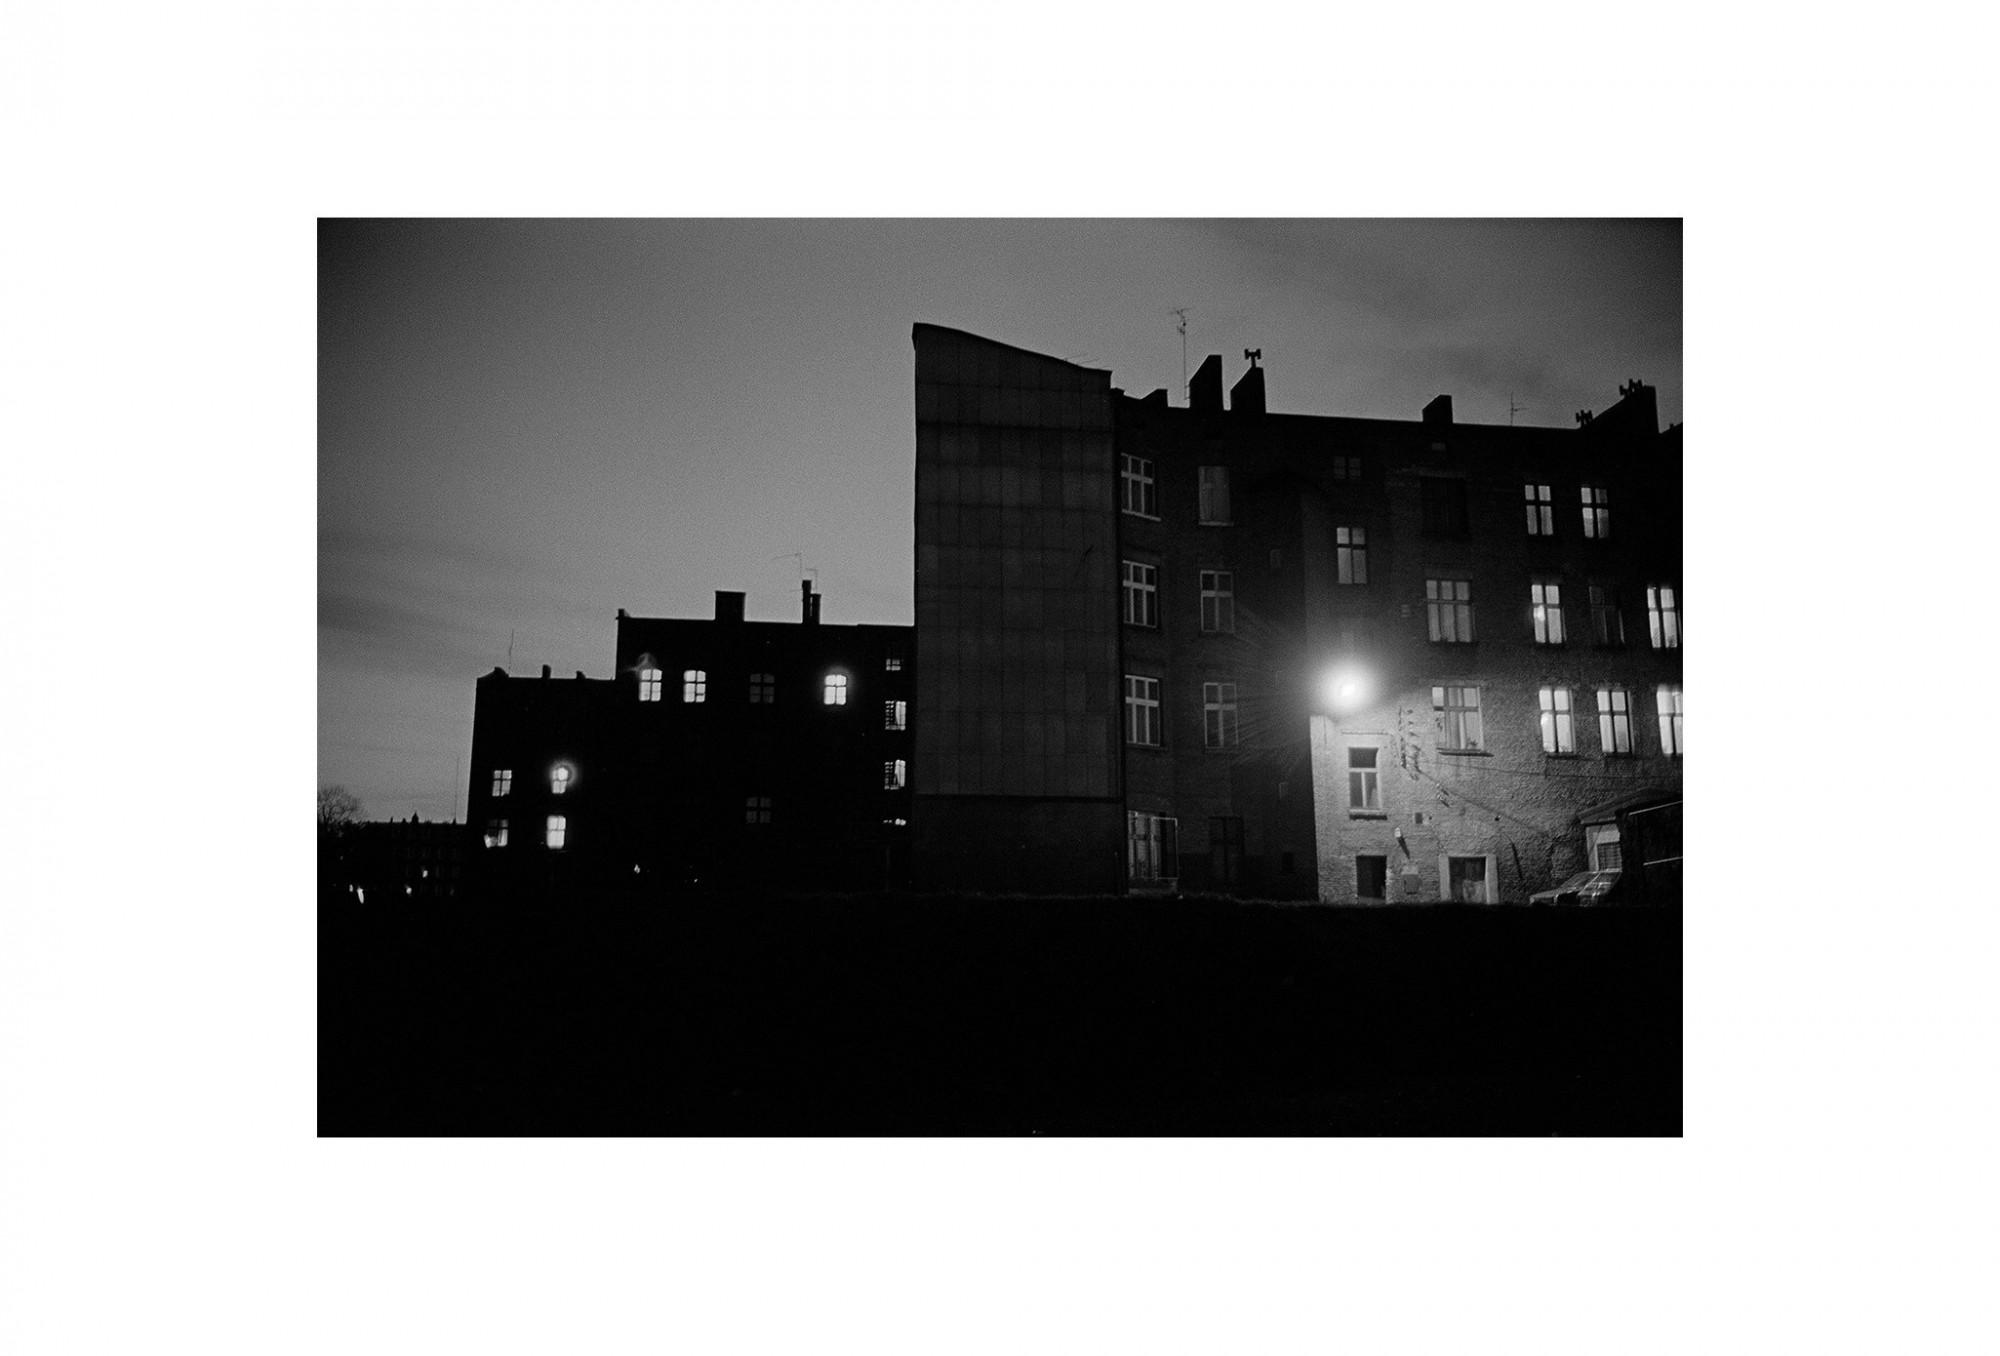 Afbeelding: Uit de reeks : Polen, een kast op glazen poten, 94-19-09, Krakow, © Dominique Van Huffel.